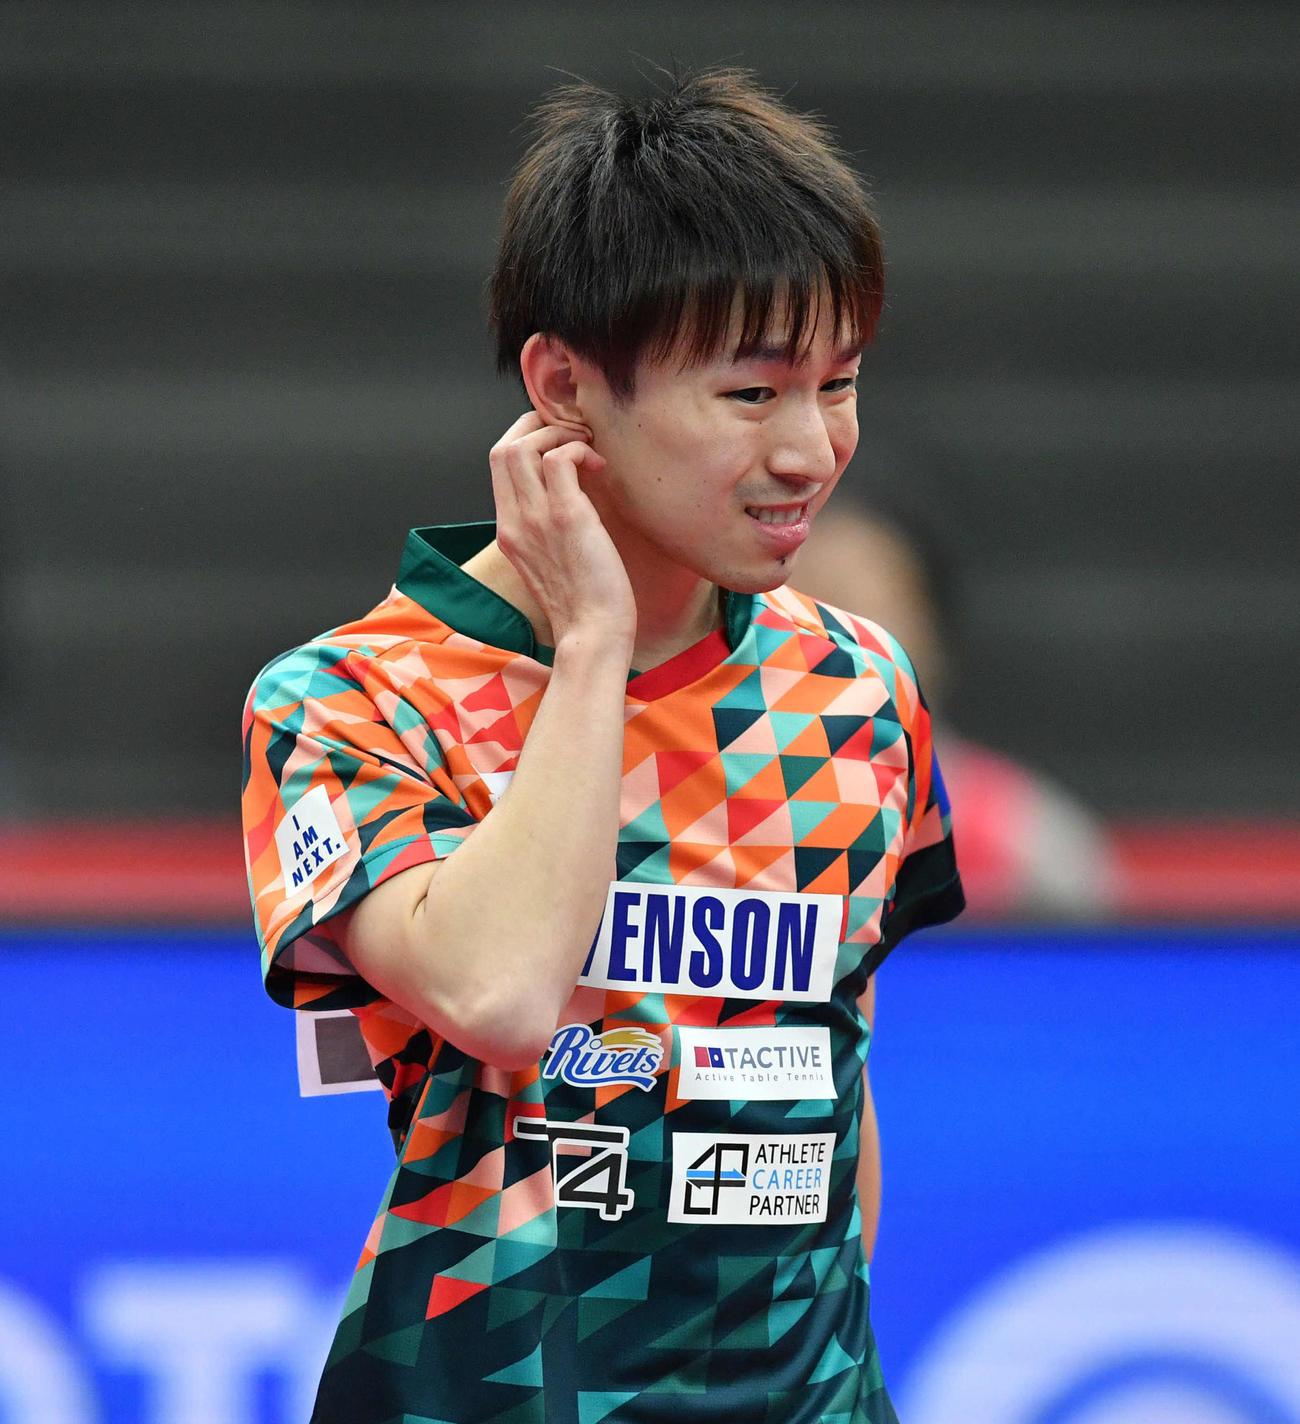 全日本卓球選手権男子シングルス準々決勝 点を奪われ厳しい表情を見せる丹羽孝希(撮影・岩下翔太)